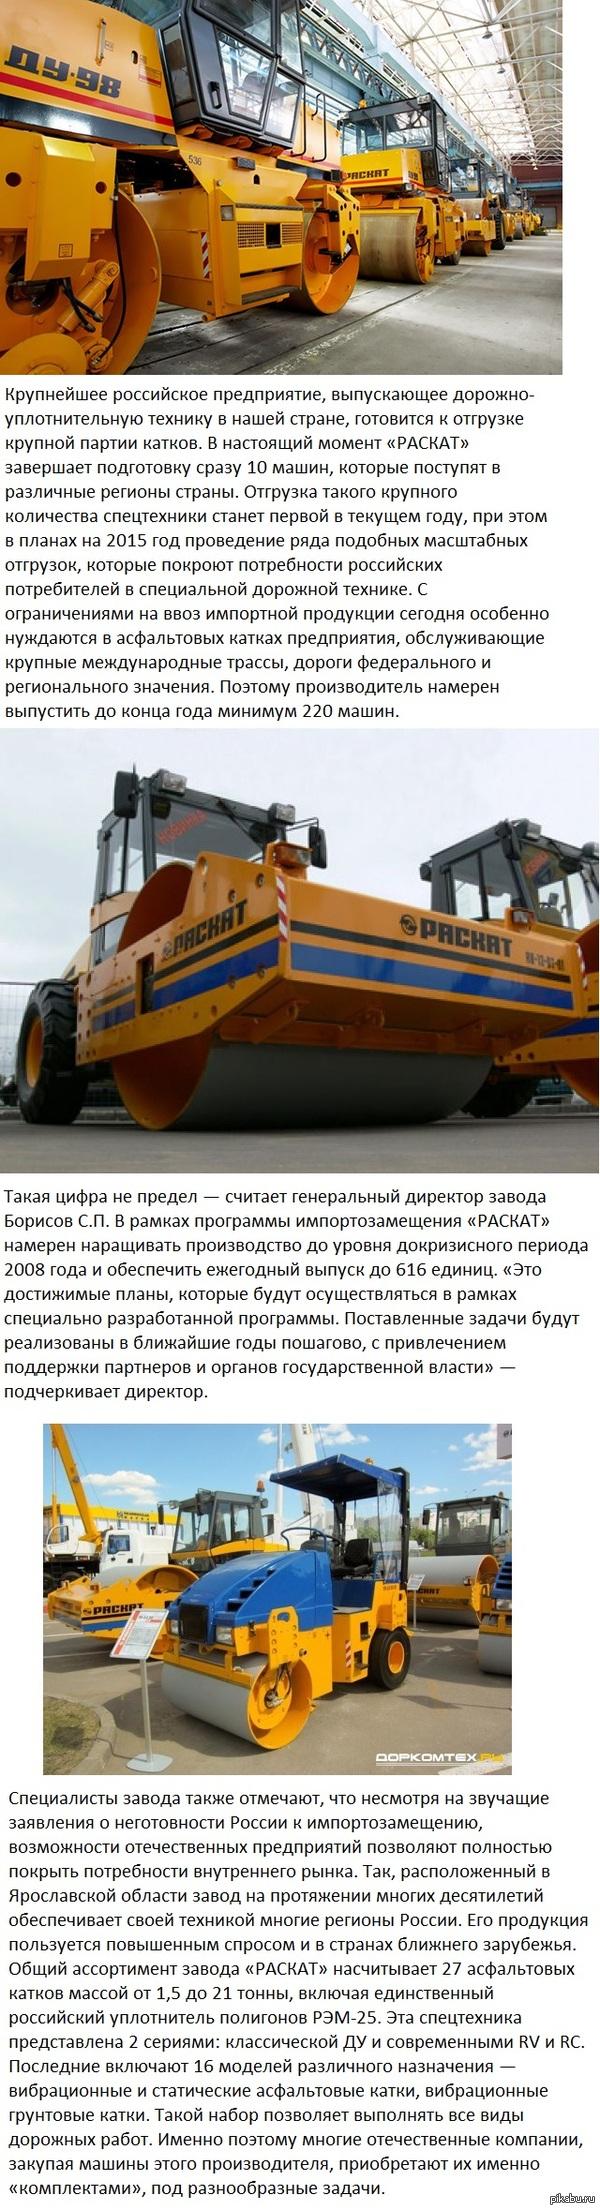 Завод «РАСКАТ» приступил к импортозамещению